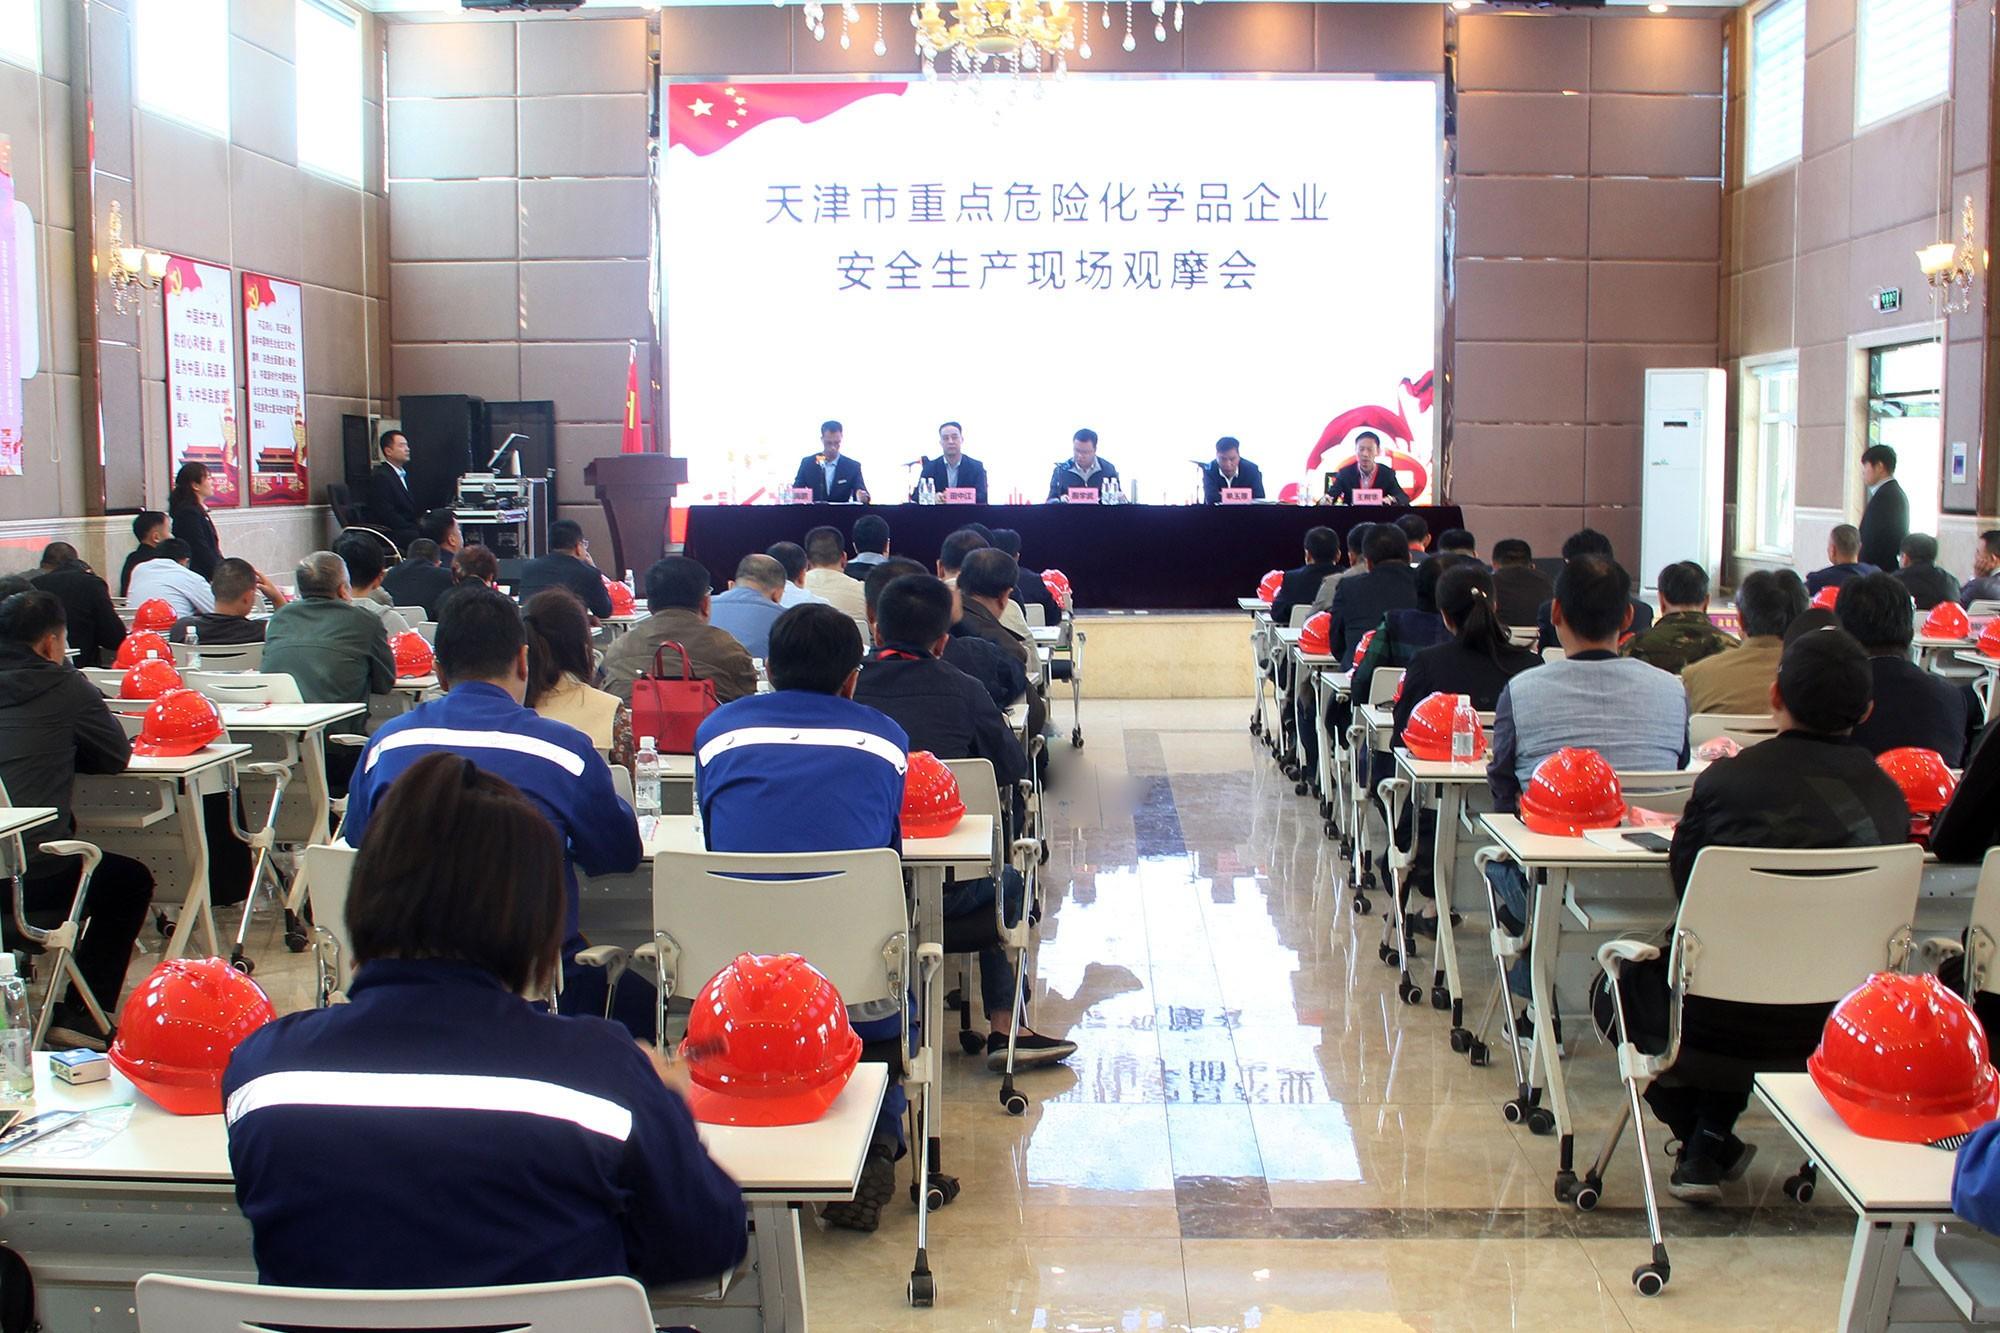 天津市重点危险化学品企业安全生产现场观摩会在科迈天津工厂召开